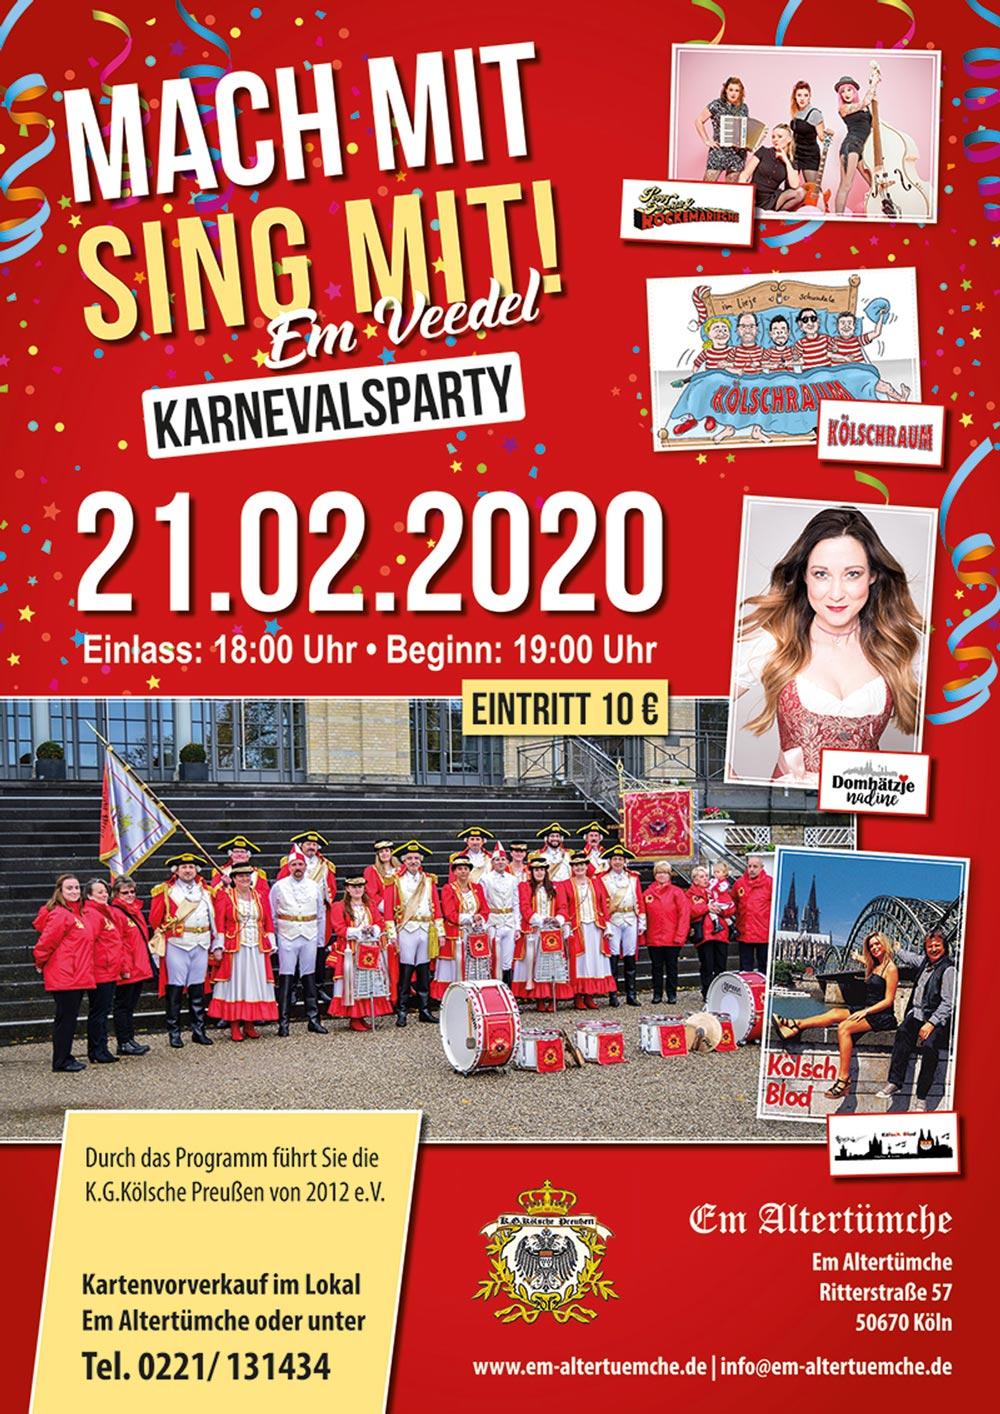 Karnevalsverein aus Köln